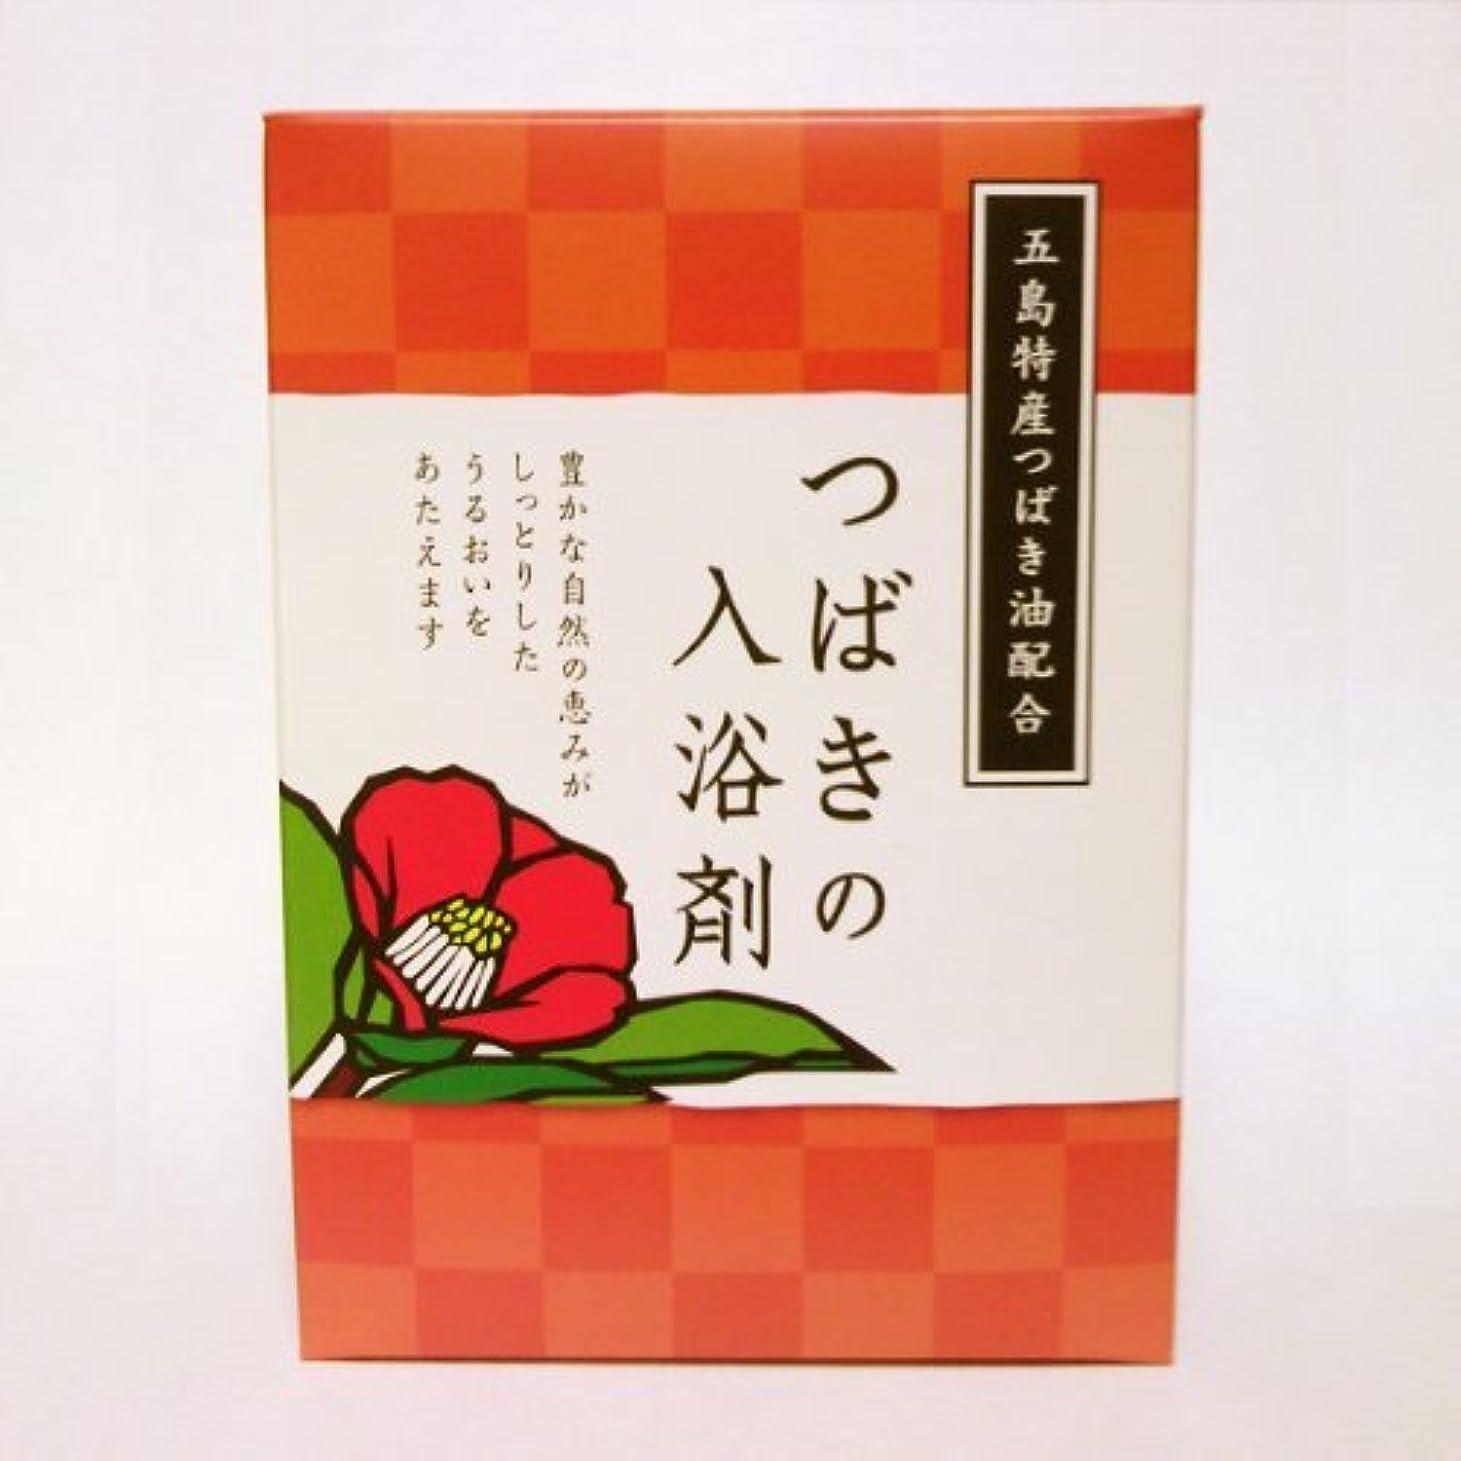 有益円周焦がす五島特産純粋 つばきの入浴剤 新上五島町振興公社